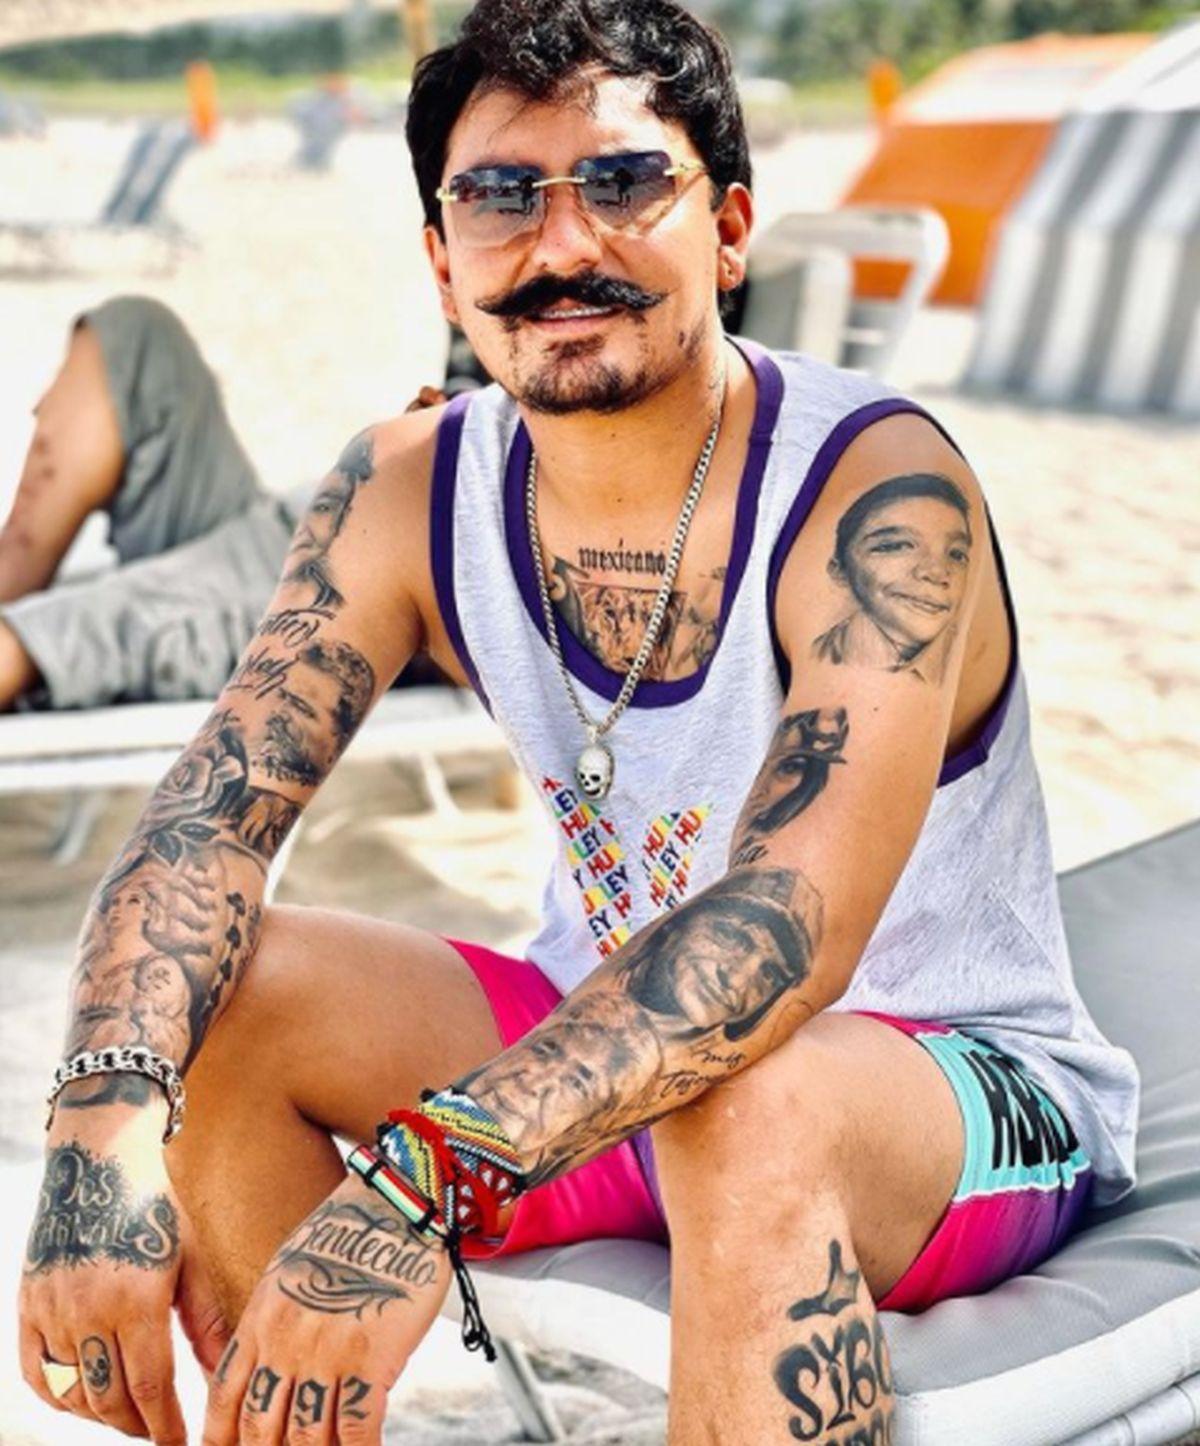 El brazo izquierdo de Poncho Quezada muestra el tatuaje de un personaje muy querido por todos: El Chavo (Foto: Los dos carnales)